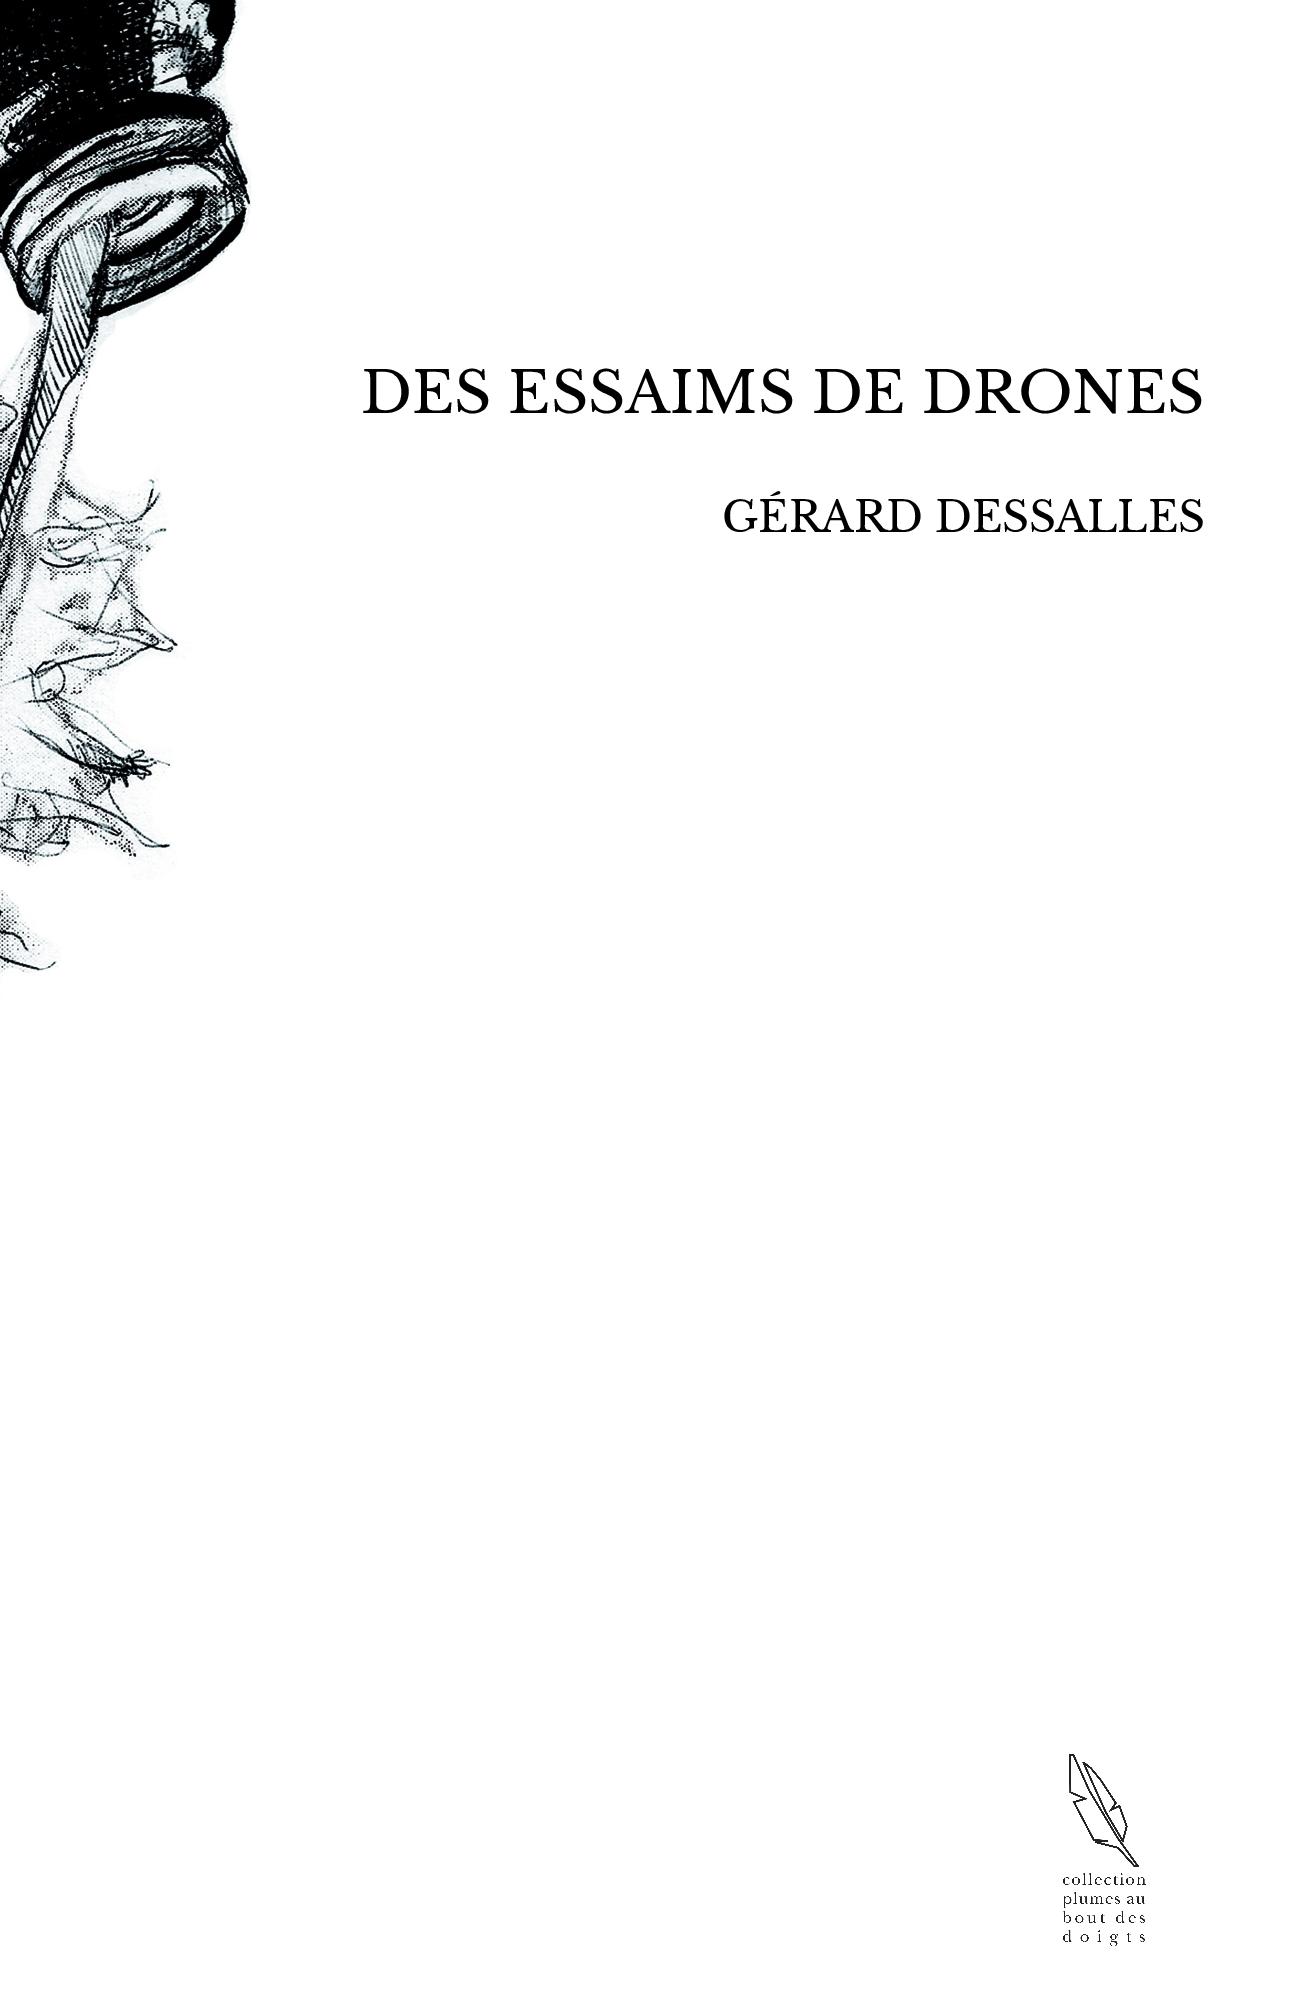 DES ESSAIMS DE DRONES